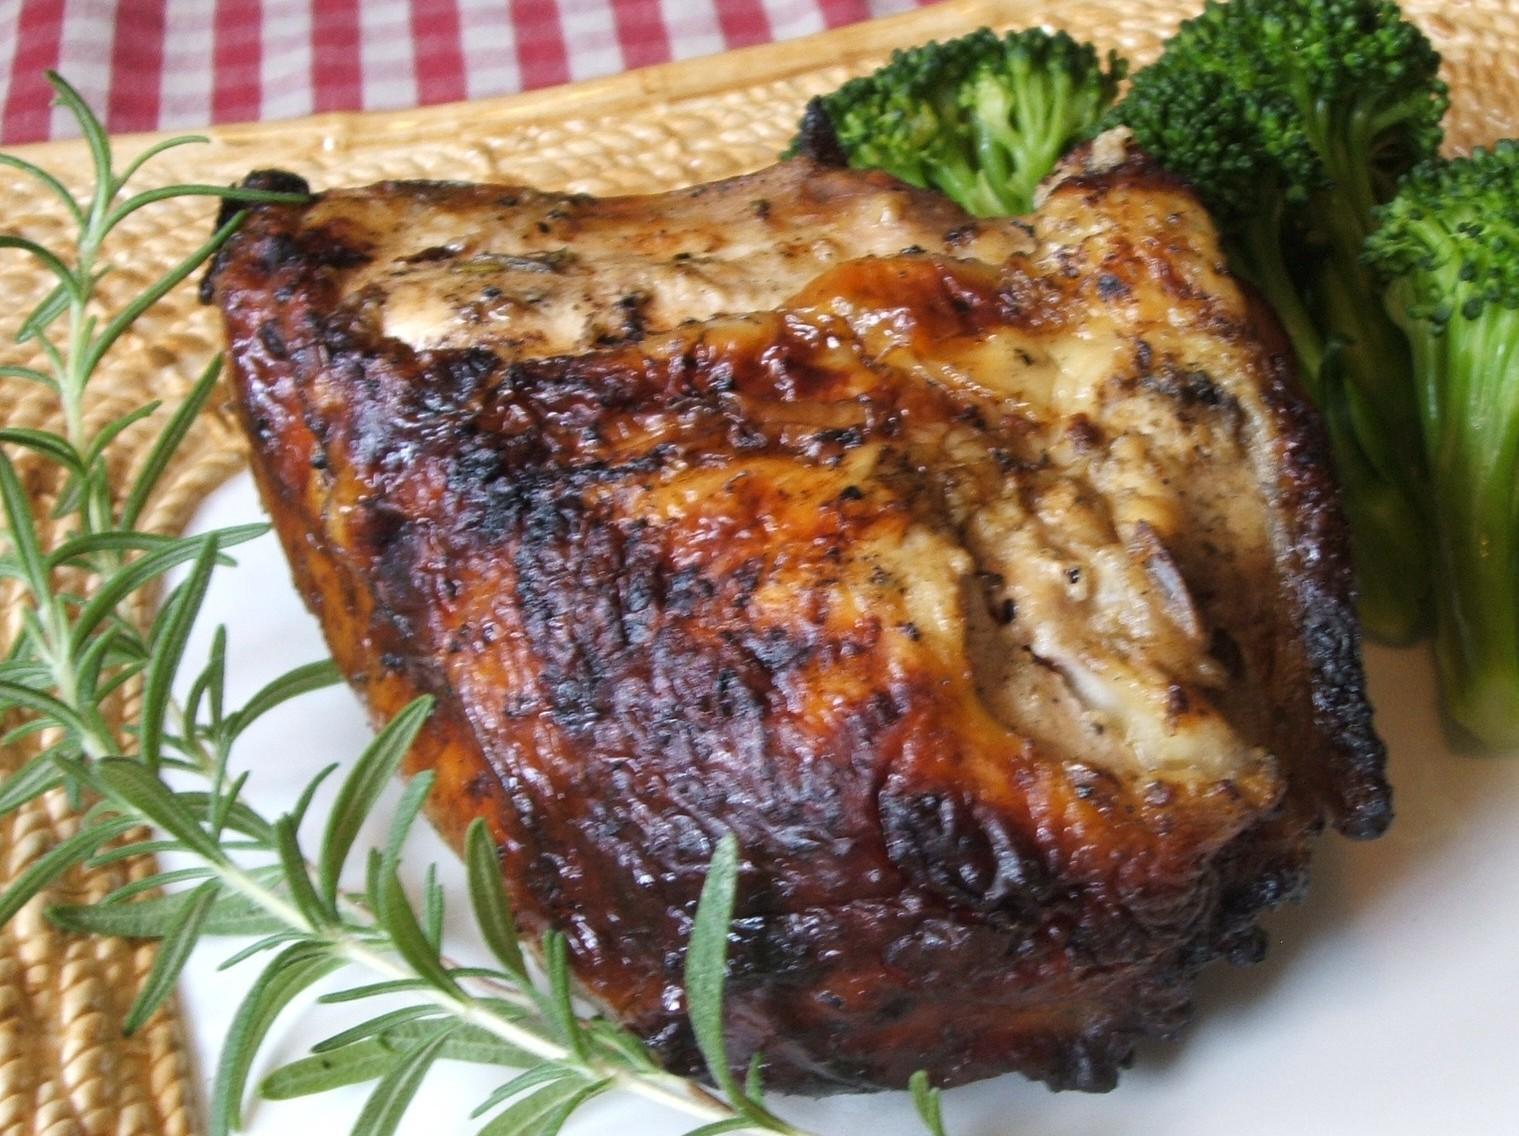 ... Pantry: Grilled Yogurt, Garlic, & Rosemary Marinated Chicken